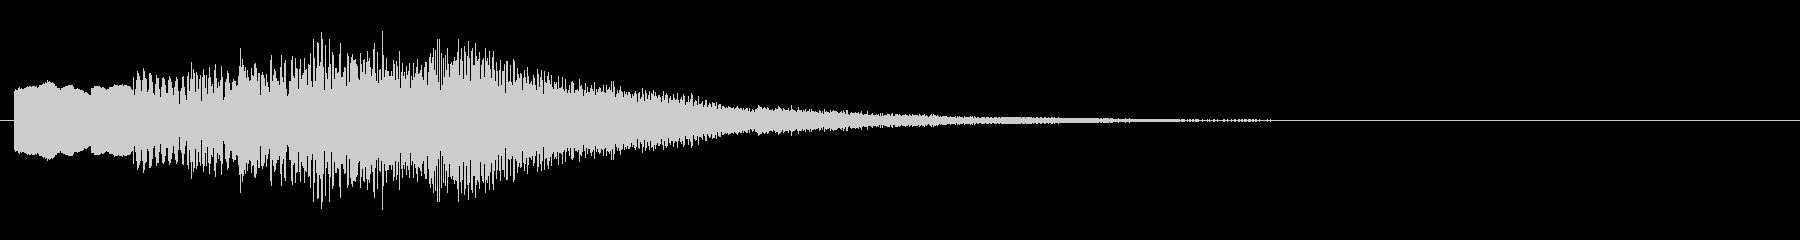 KANT シンセジングル 2123の未再生の波形